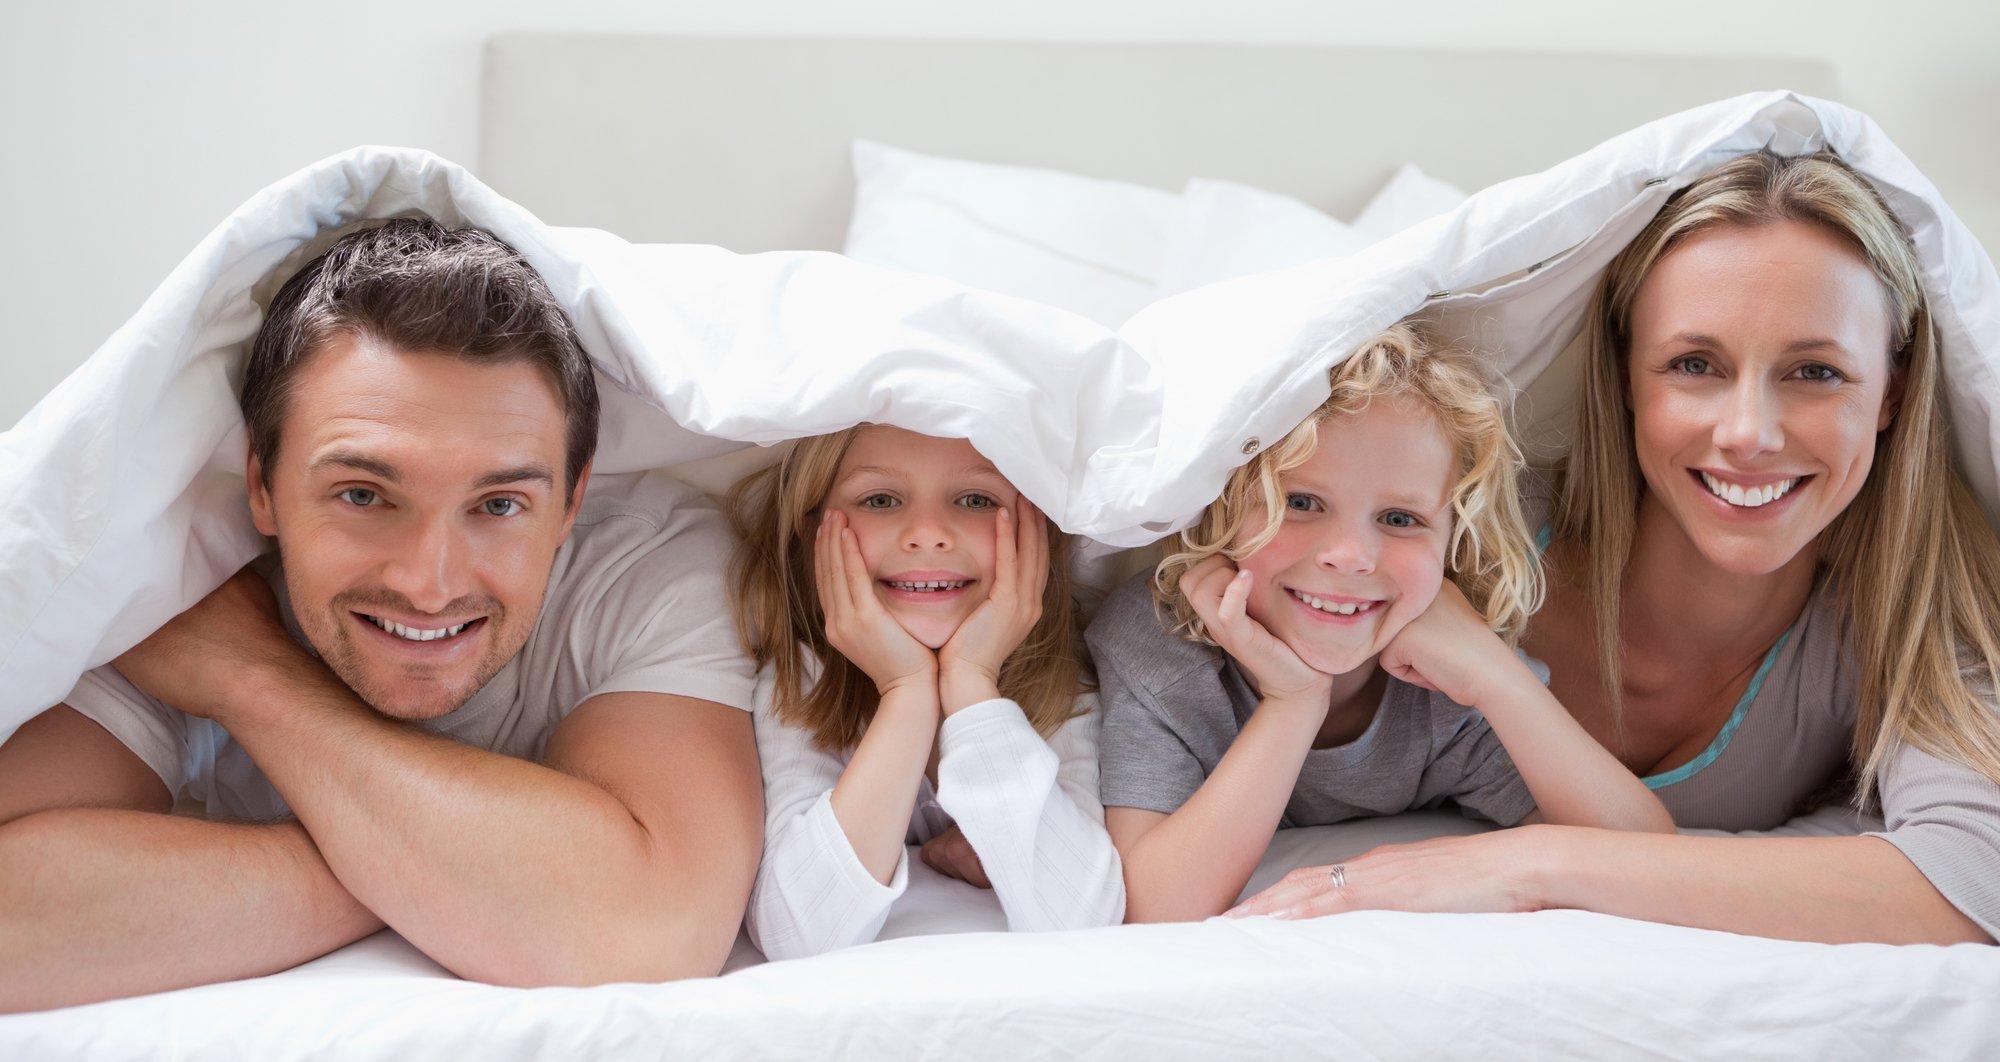 depositphotos 11211723 l 2015.jpg?resize=636,358 - Ce lit de taille gigantesque est parfait pour accueillir toute la famille... ou une équipe de foot!